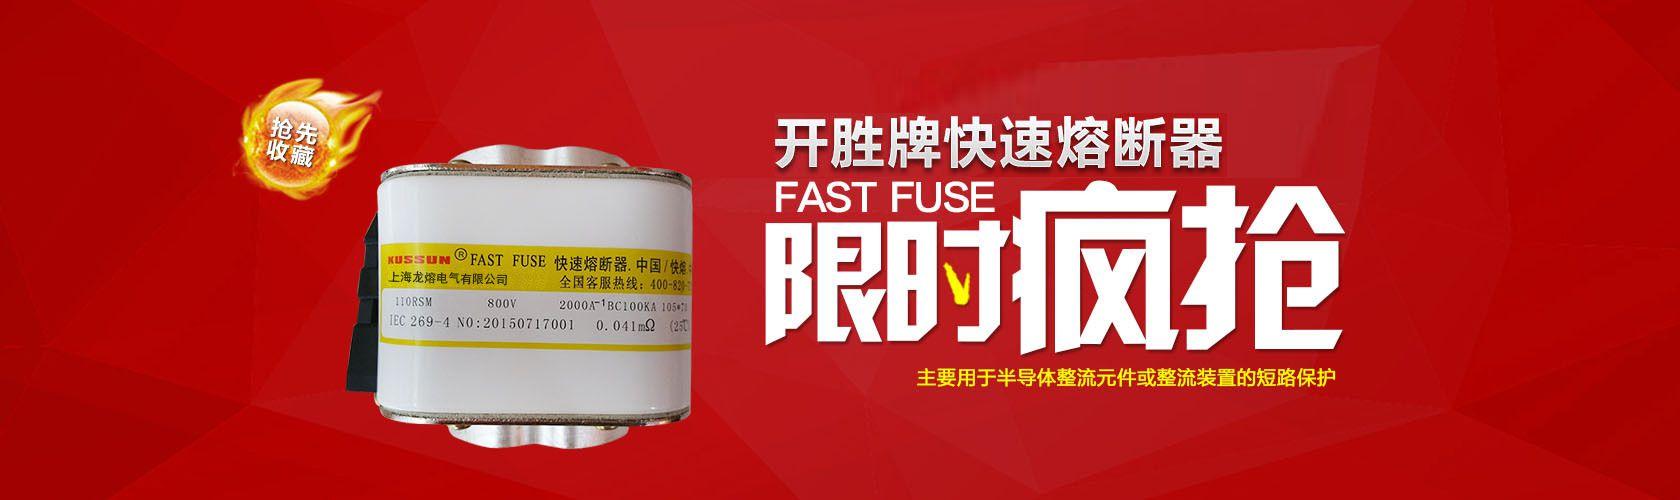 上海龙熔电气有限公司